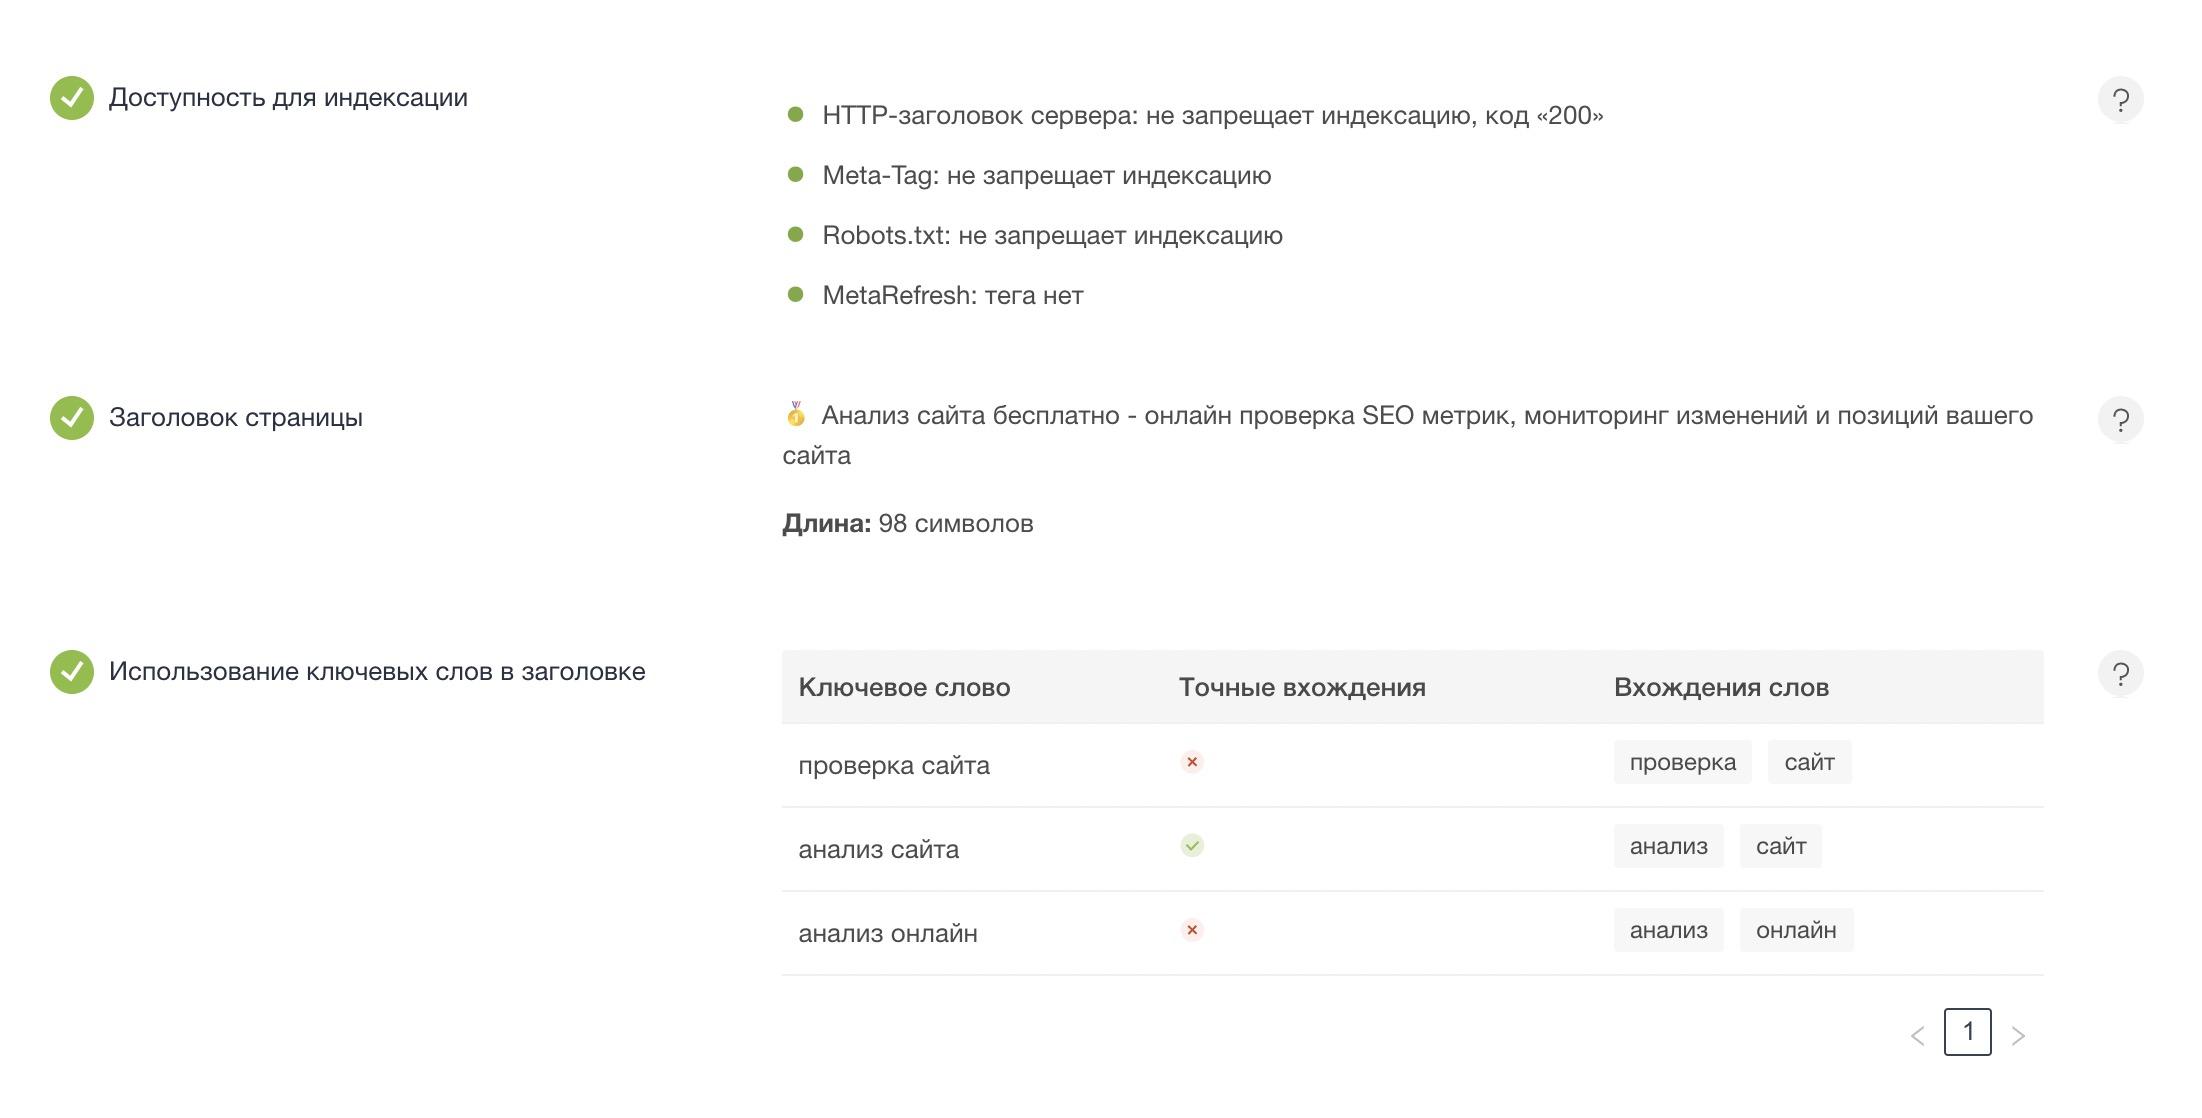 Новые тесты в бесплатном инструменте для SEO-анализа страницы1